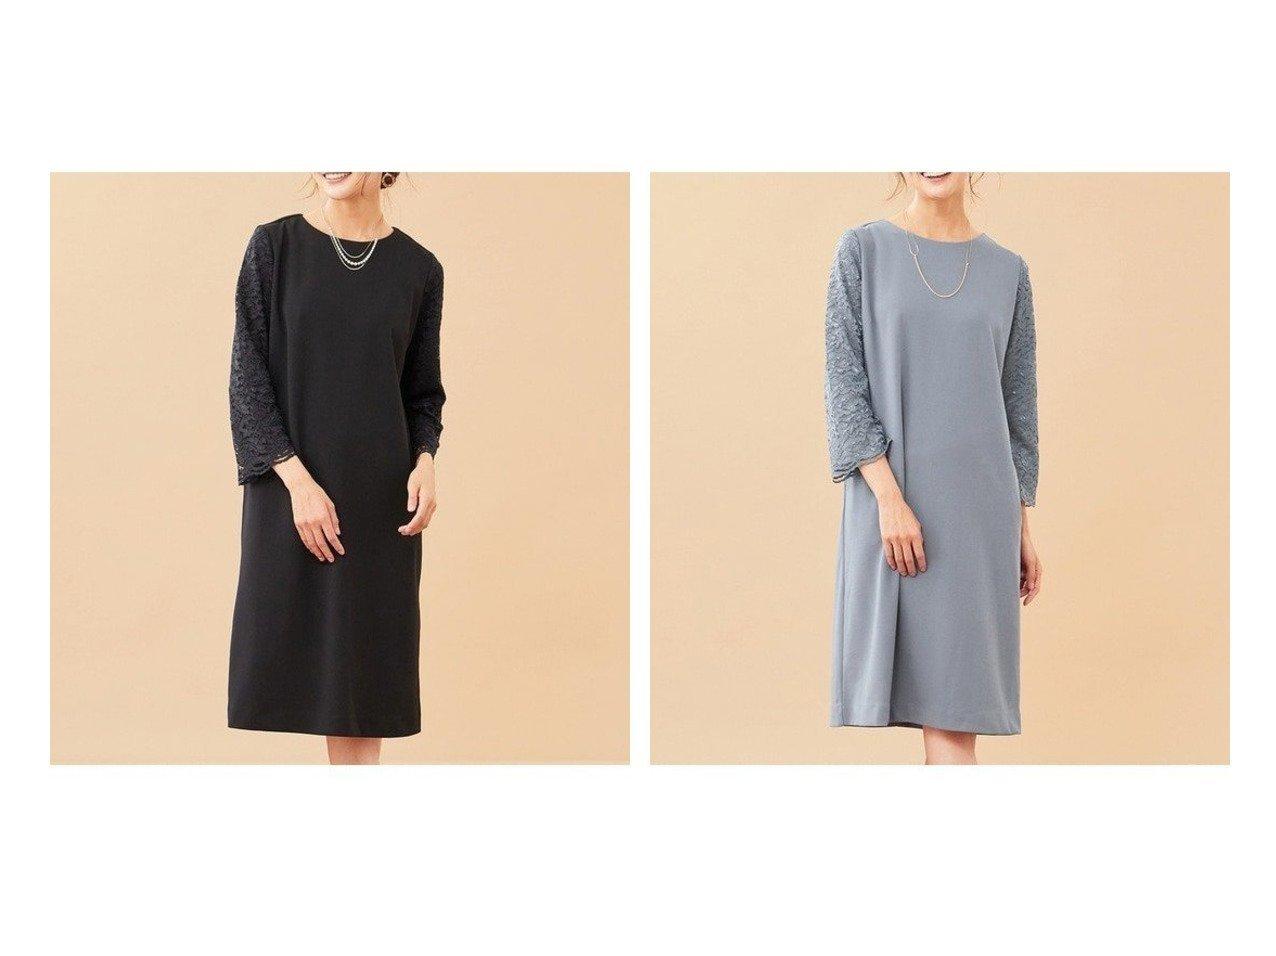 【any SiS/エニィ スィス】の【洗える】レジュールライト ワンピース ワンピース・ドレスのおすすめ!人気、トレンド・レディースファッションの通販 おすすめで人気の流行・トレンド、ファッションの通販商品 メンズファッション・キッズファッション・インテリア・家具・レディースファッション・服の通販 founy(ファニー) https://founy.com/ ファッション Fashion レディースファッション WOMEN ワンピース Dress シンプル ジャージー ジョーゼット パーティ ポケット レース ワンポイント |ID:crp329100000009394